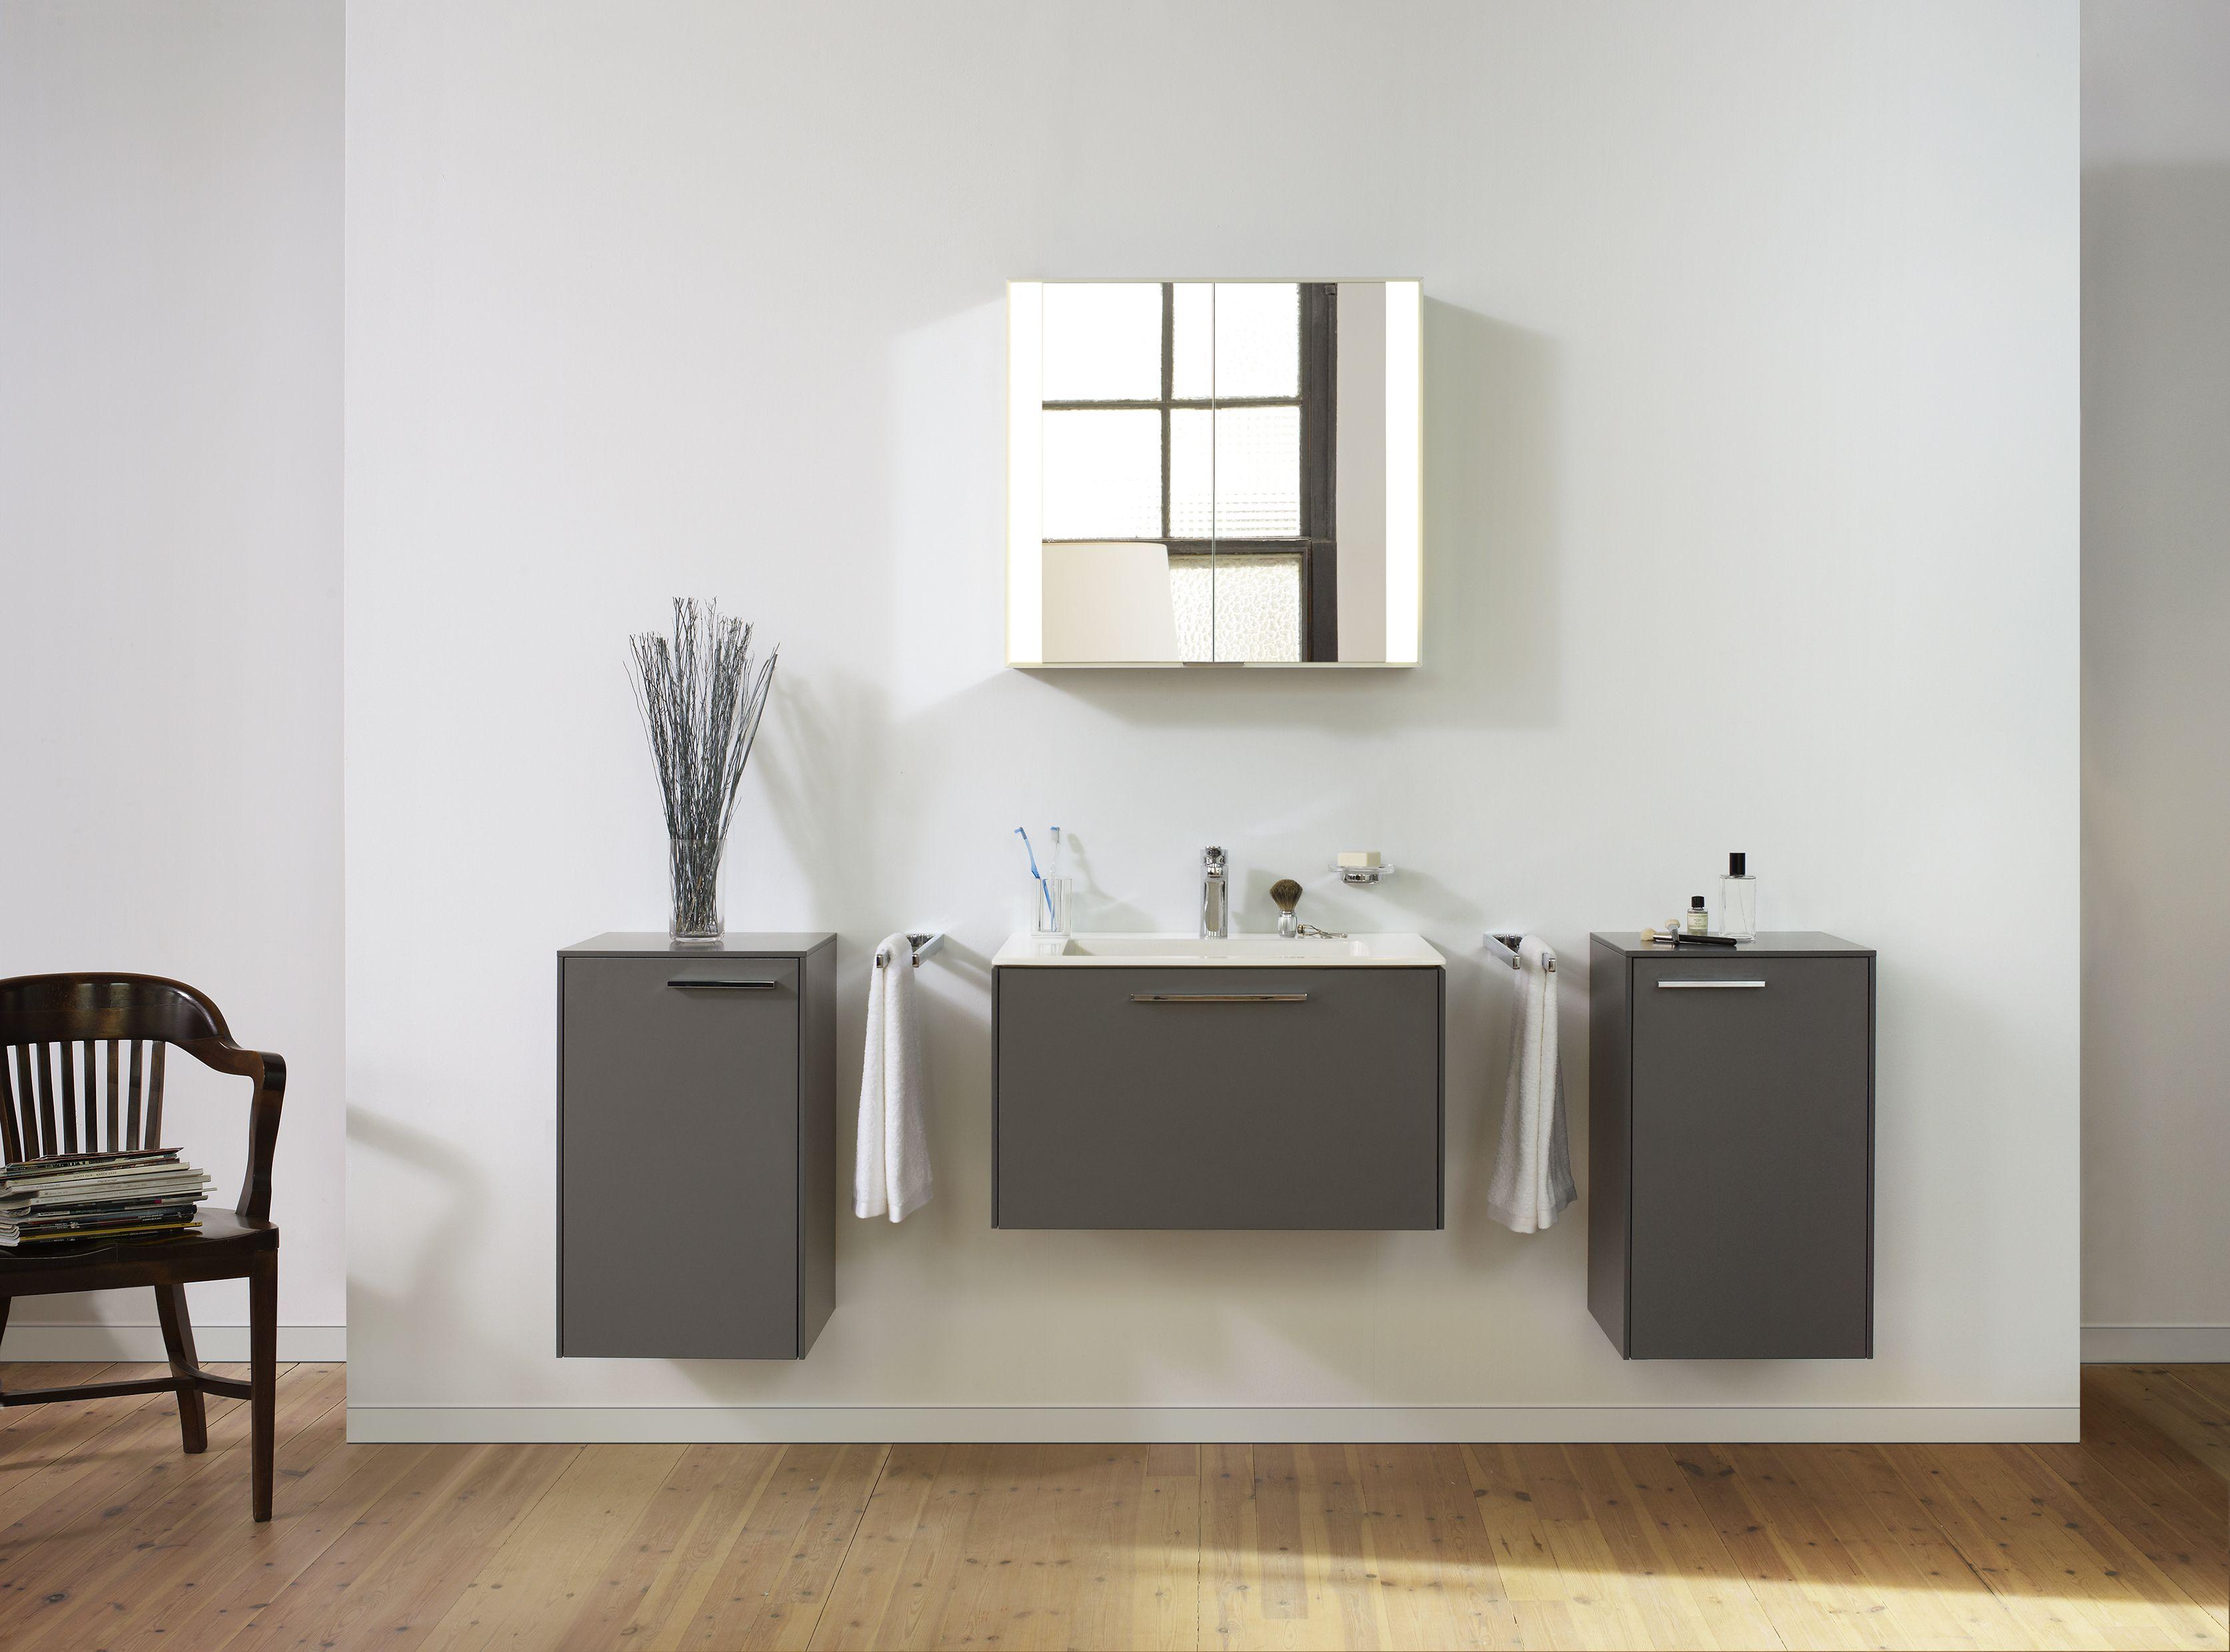 Keuco Royal 60 Bathroomfurniture Architecture Design Spiegelschrank Badezimmer Waschtisch